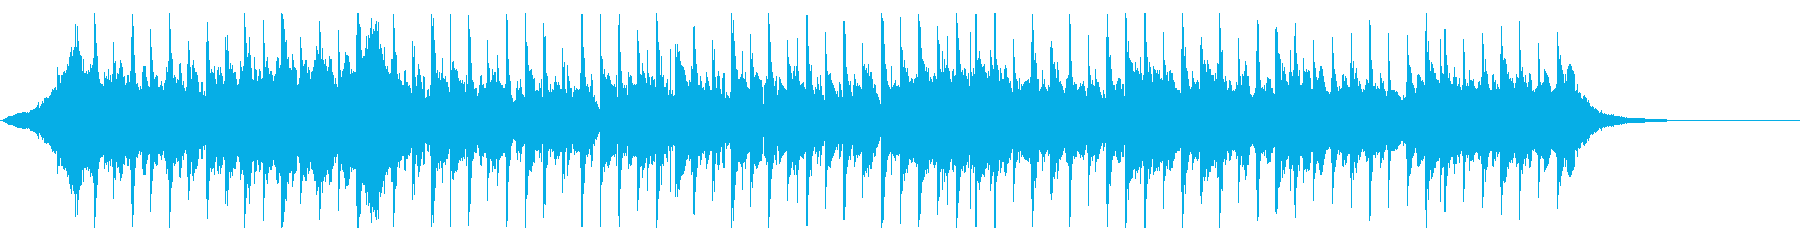 bgm39の再生済みの波形